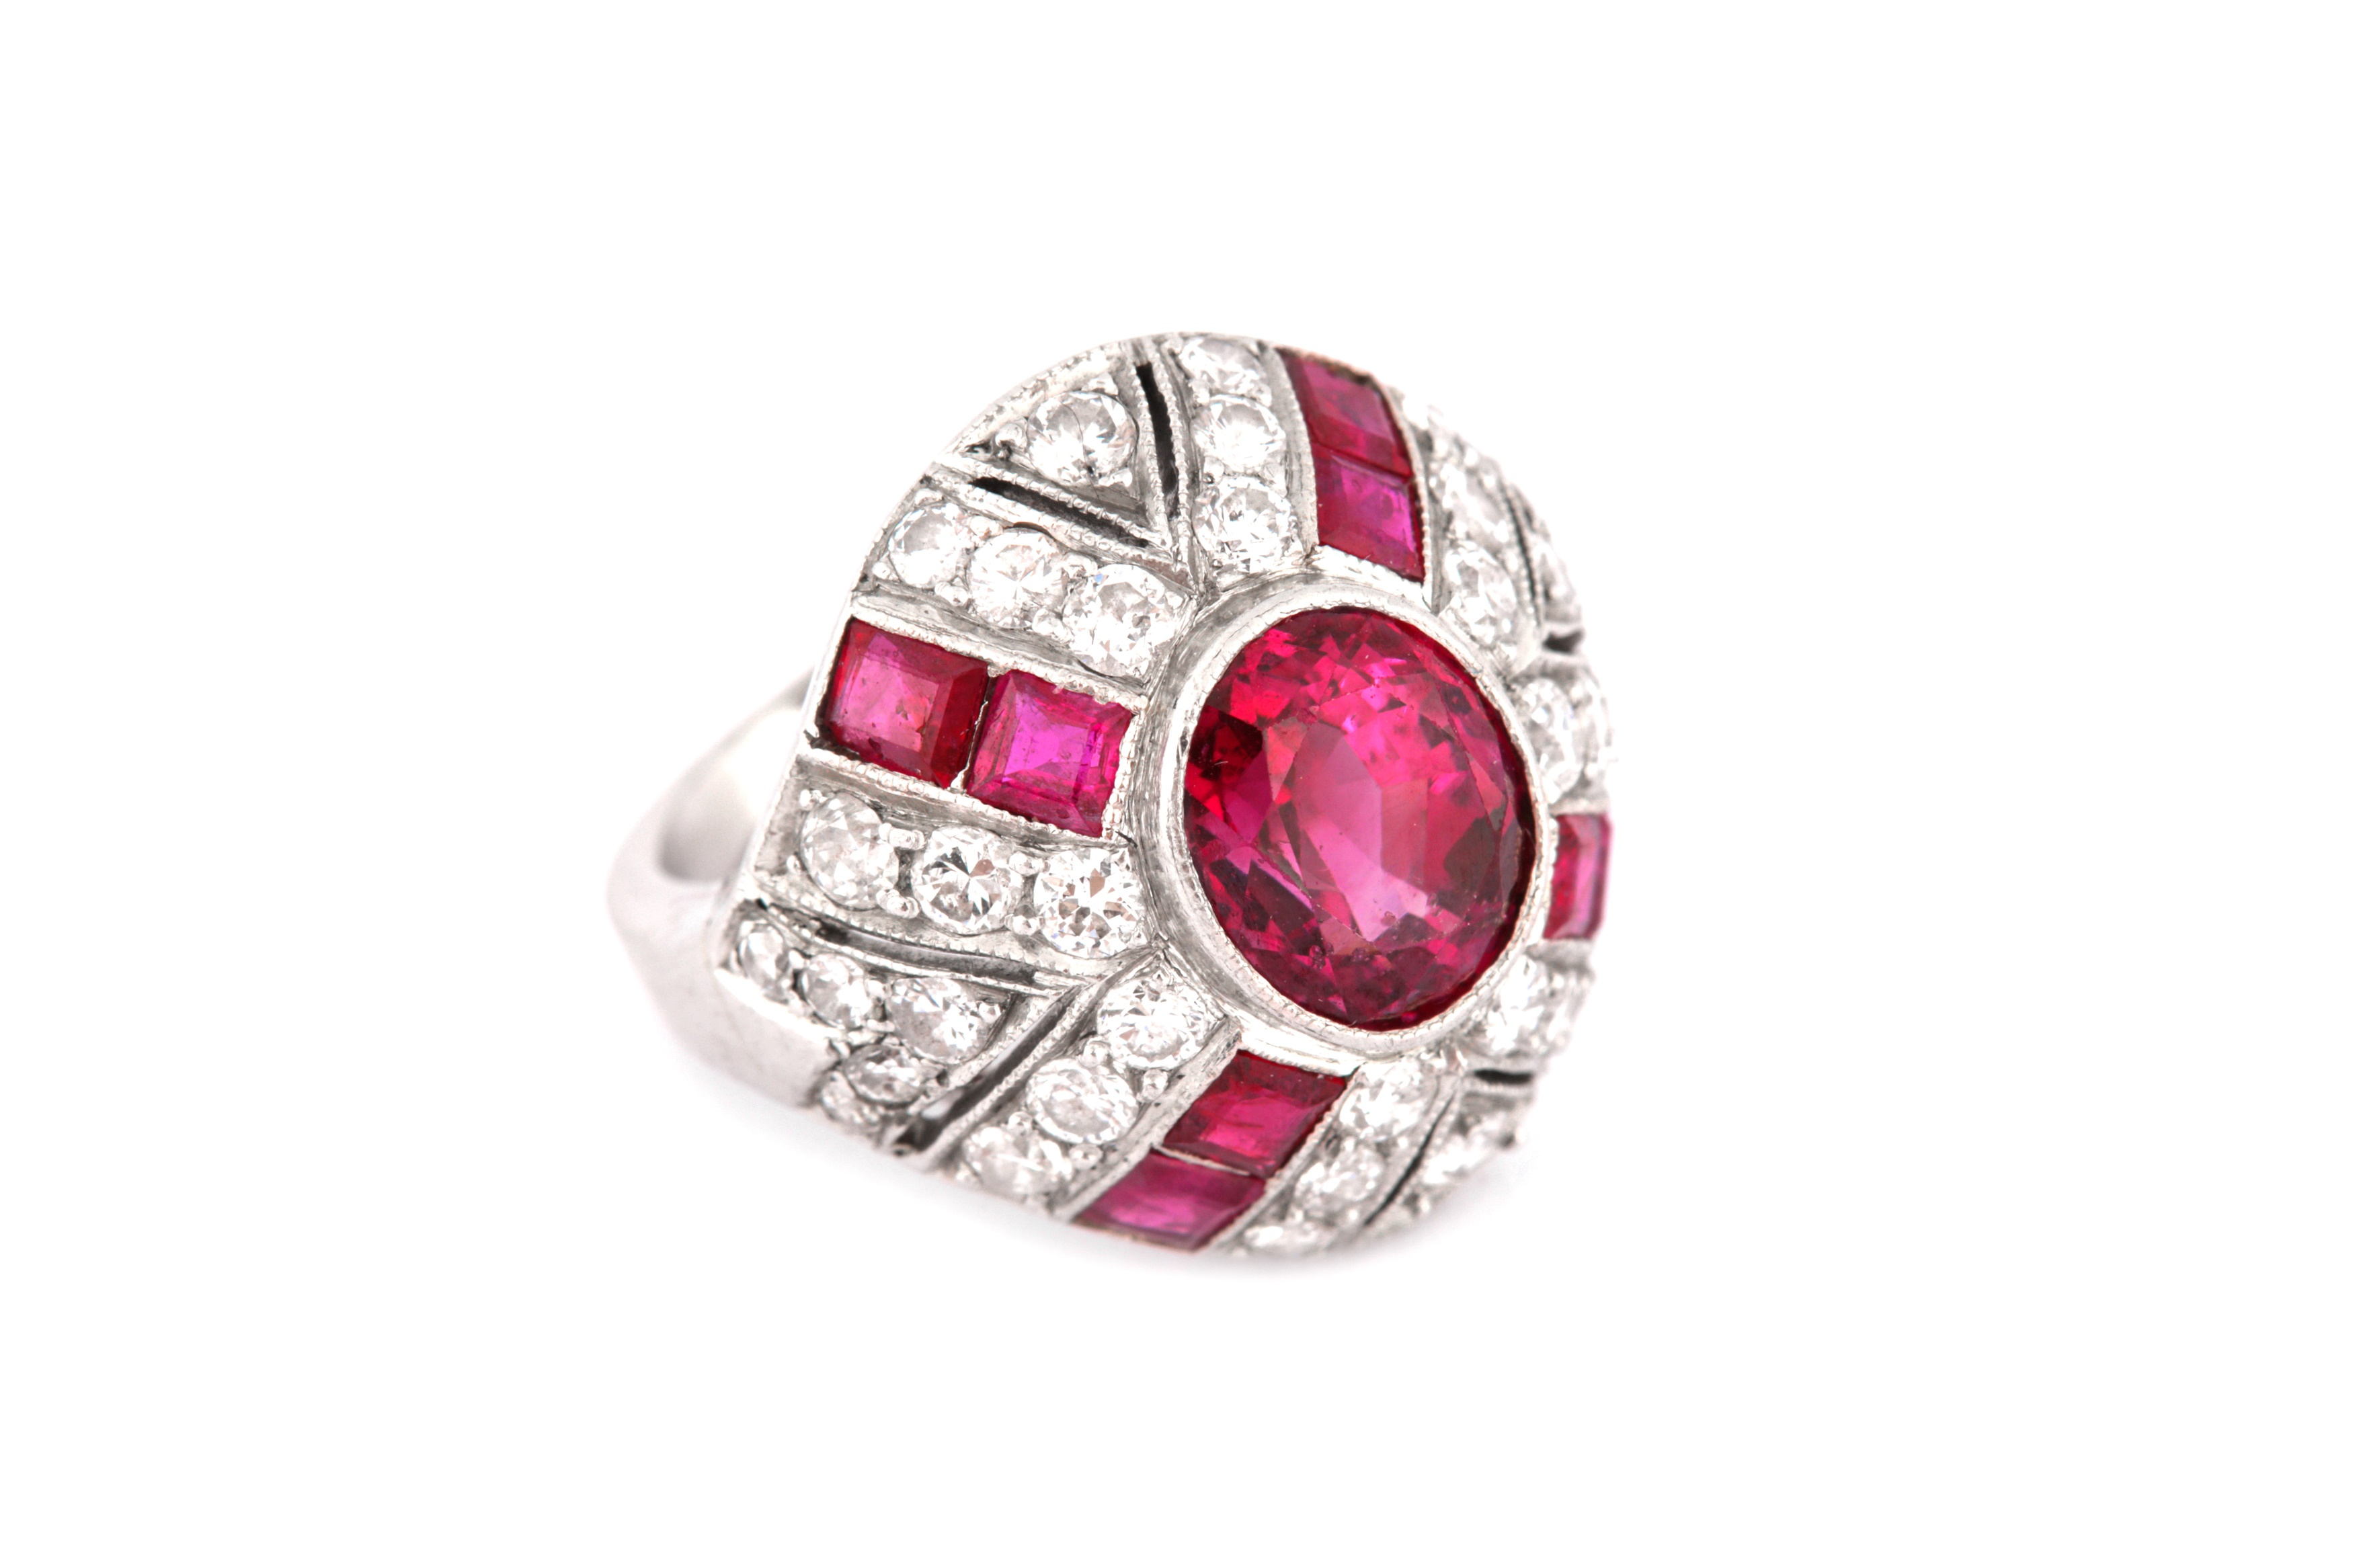 Ruby and diamond bombé ring